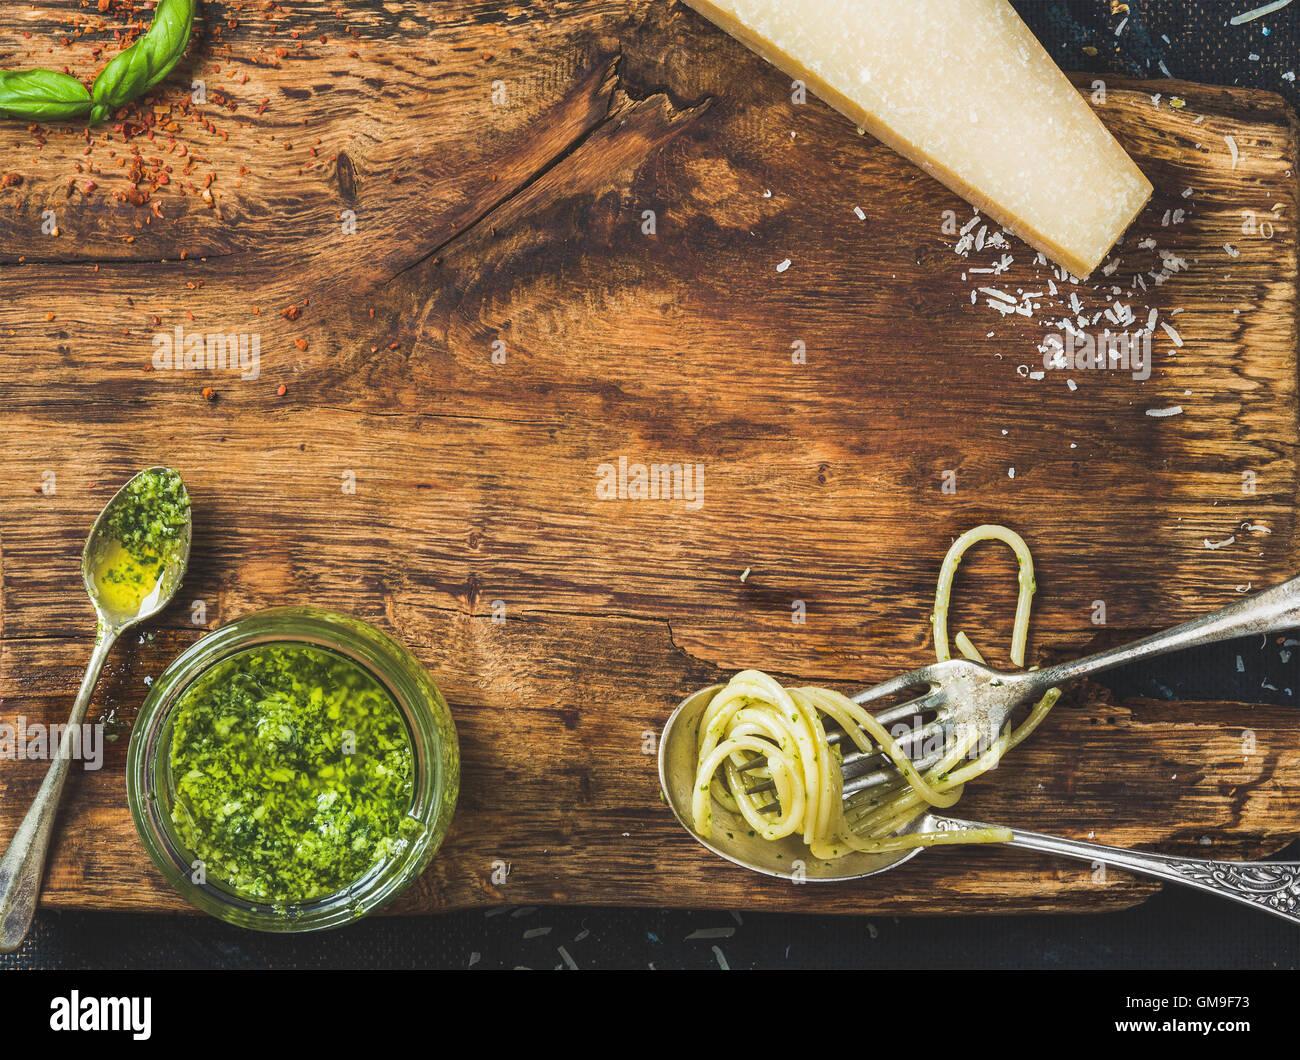 Italienische Küche kochen Hintergrund auf rustikalem Holzbrett Textur Stockbild